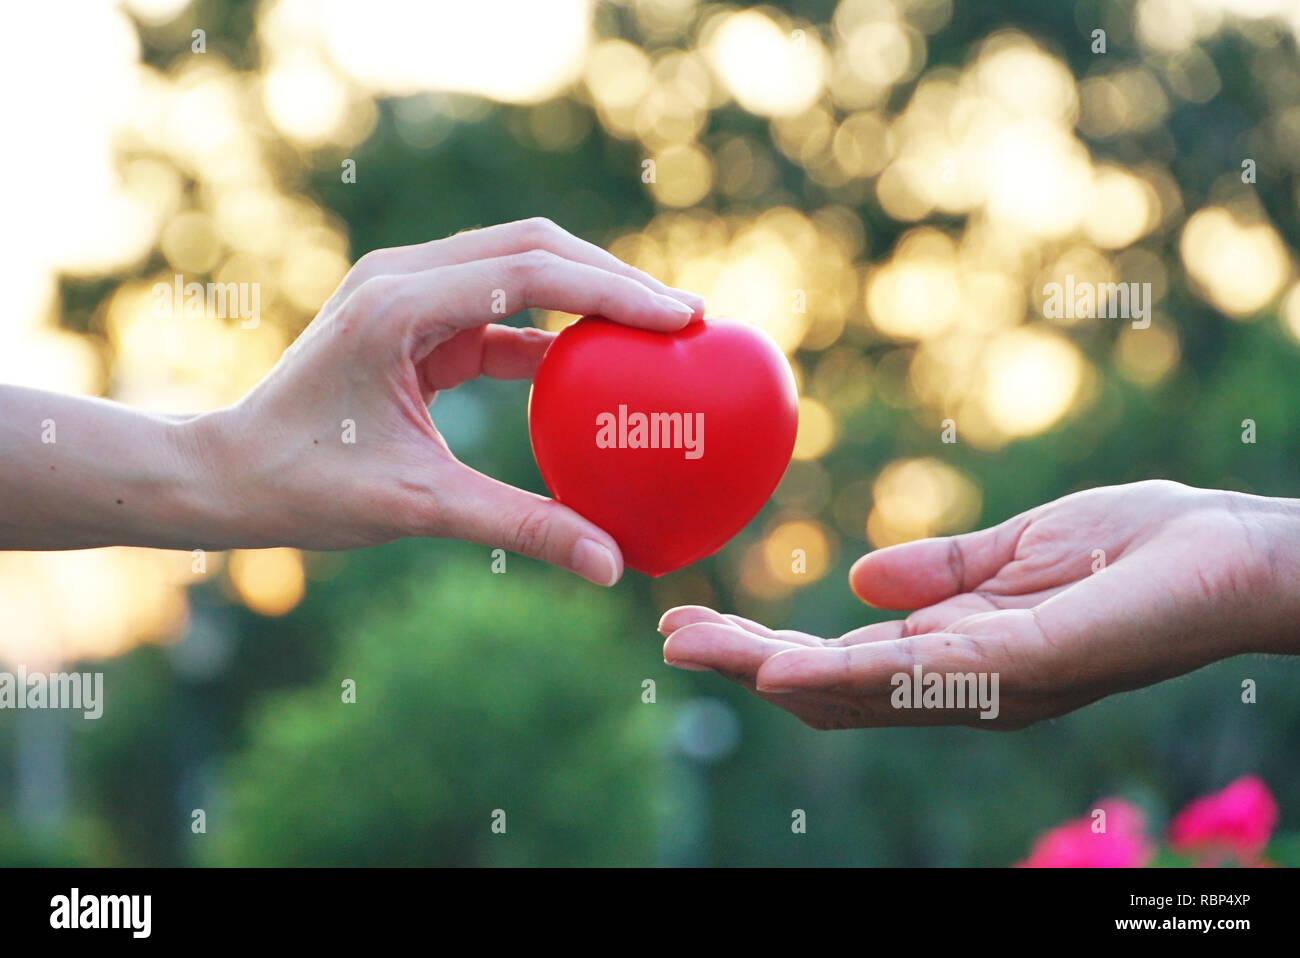 Amigo 's mano dar corazón rojo para alentar perdedor con bokeh de fondo al atardecer Imagen De Stock